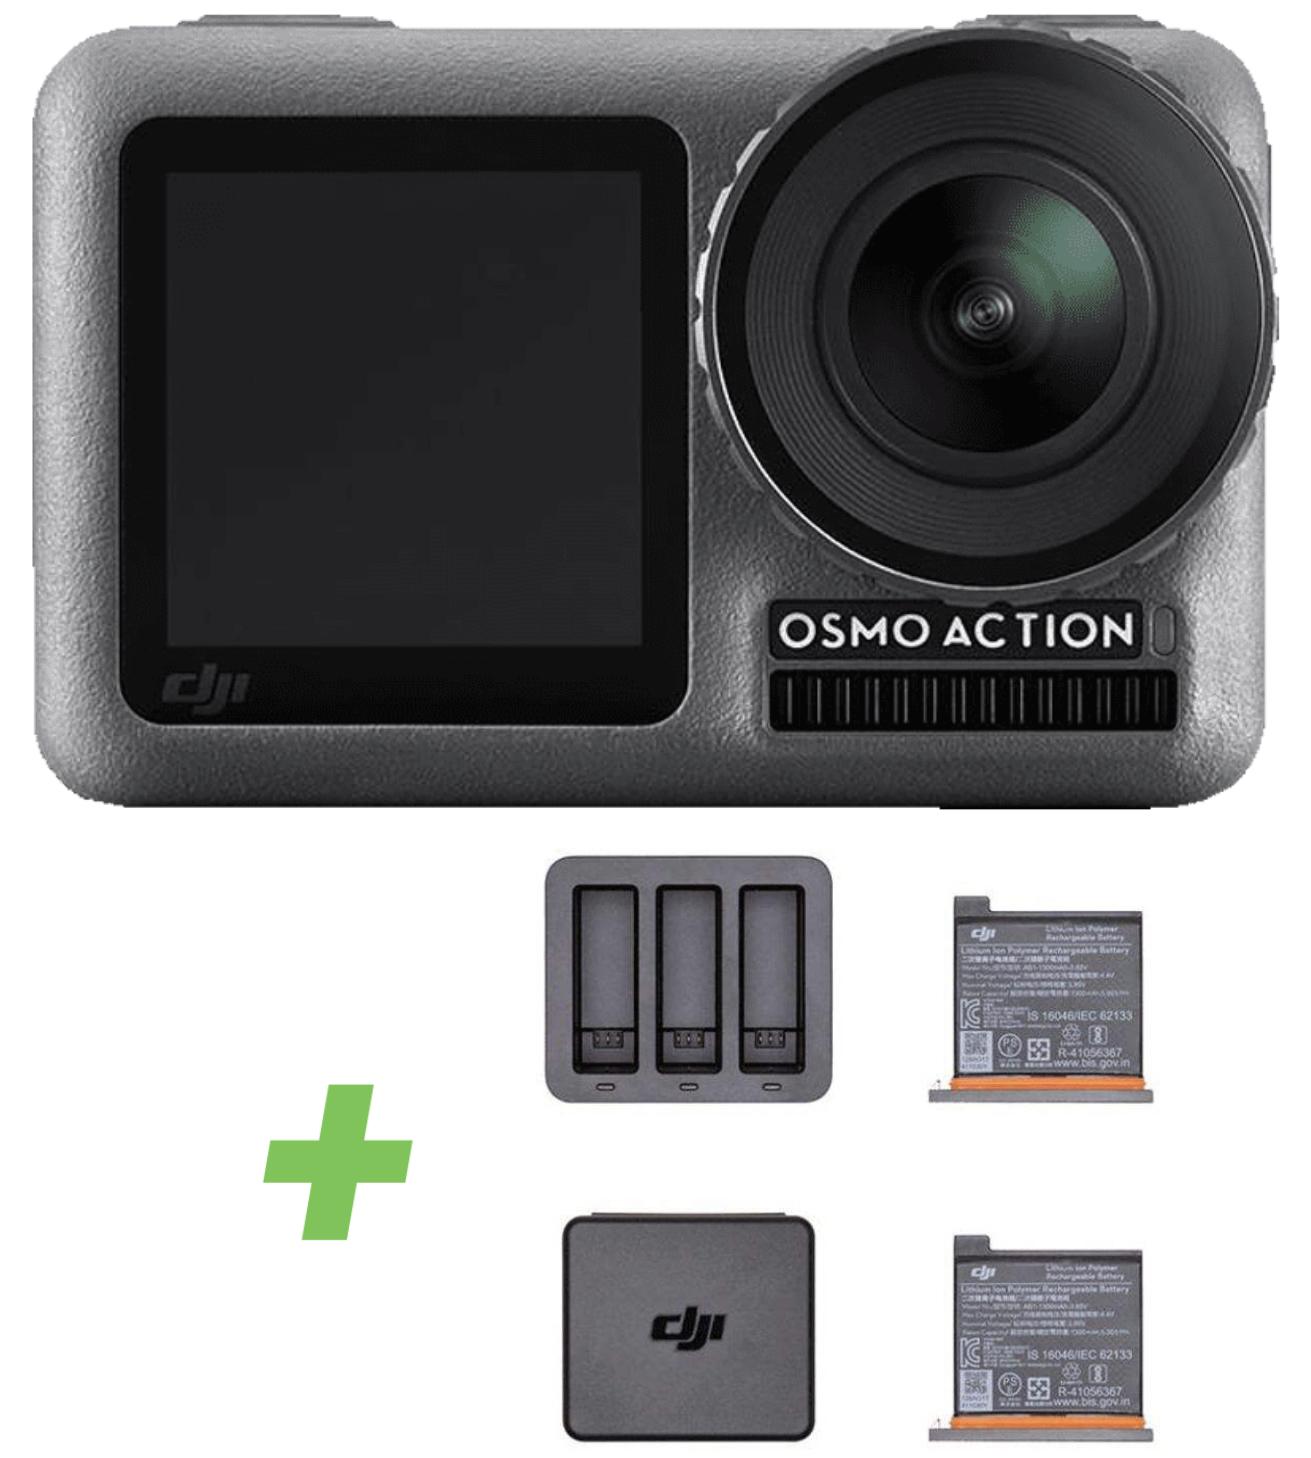 DJI Osmo Action Cam mit 2 Bildschirmen 11m wasserdicht 4K HDR-Video + Action Lade-Kit inkl. 2 Akkus für zusammen 239€ inkl. Versandkosten